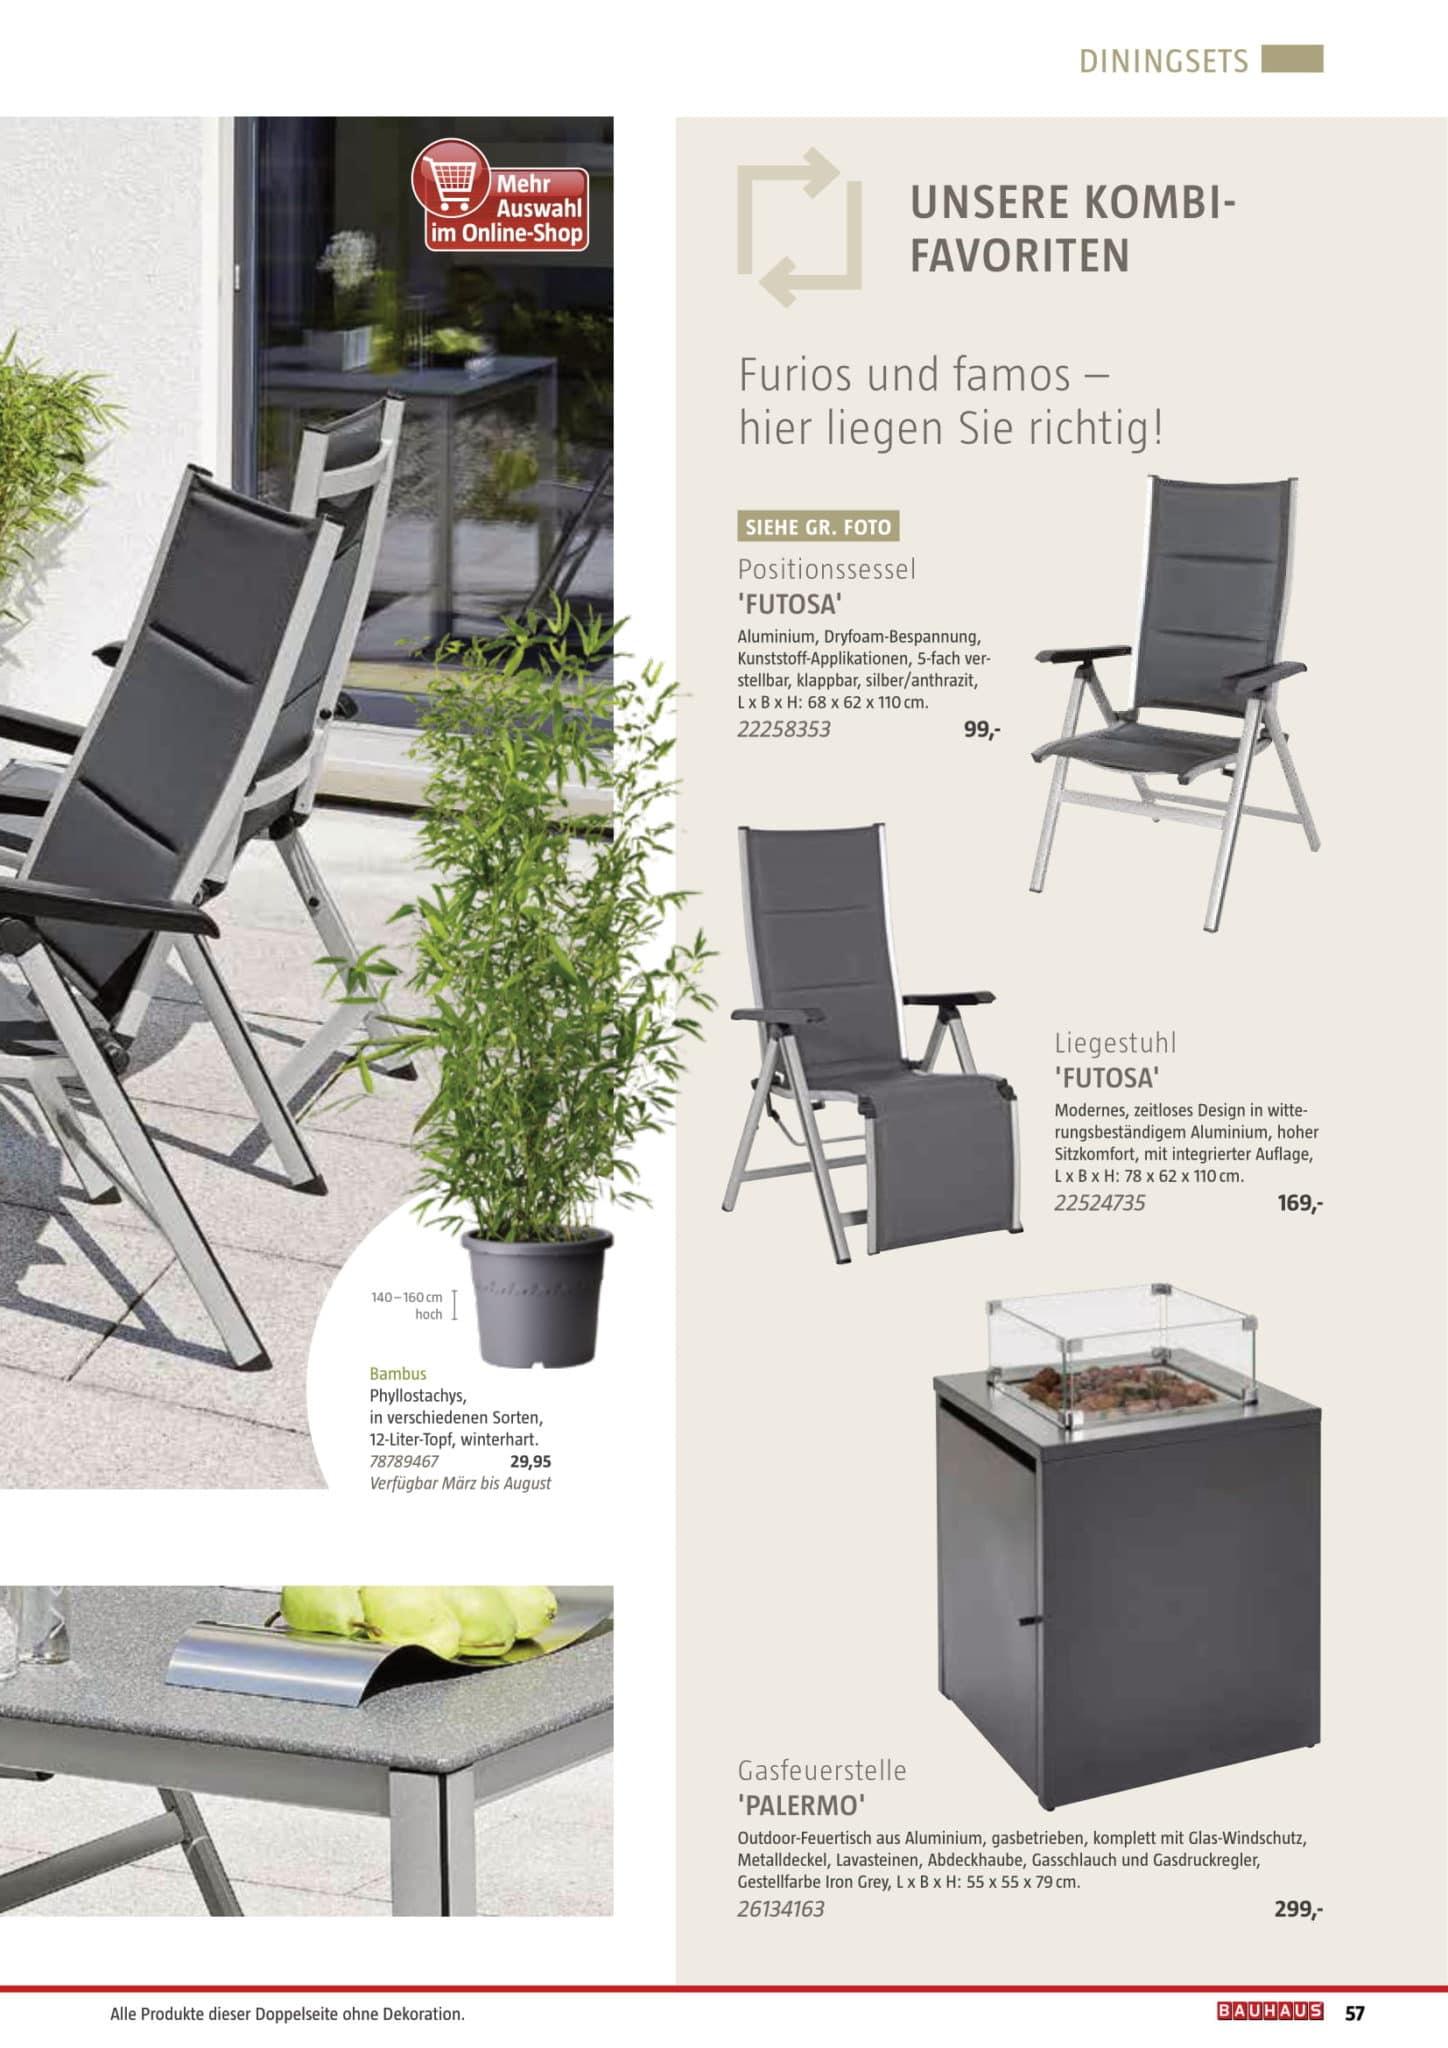 Full Size of Liegestuhl Bauhaus Relax Holz Balkon Auflage Garten Kaufen Klapp Kinder Klappbar Angebote Gltig Vom 24032020 Bis 31052020 Fenster Wohnzimmer Liegestuhl Bauhaus